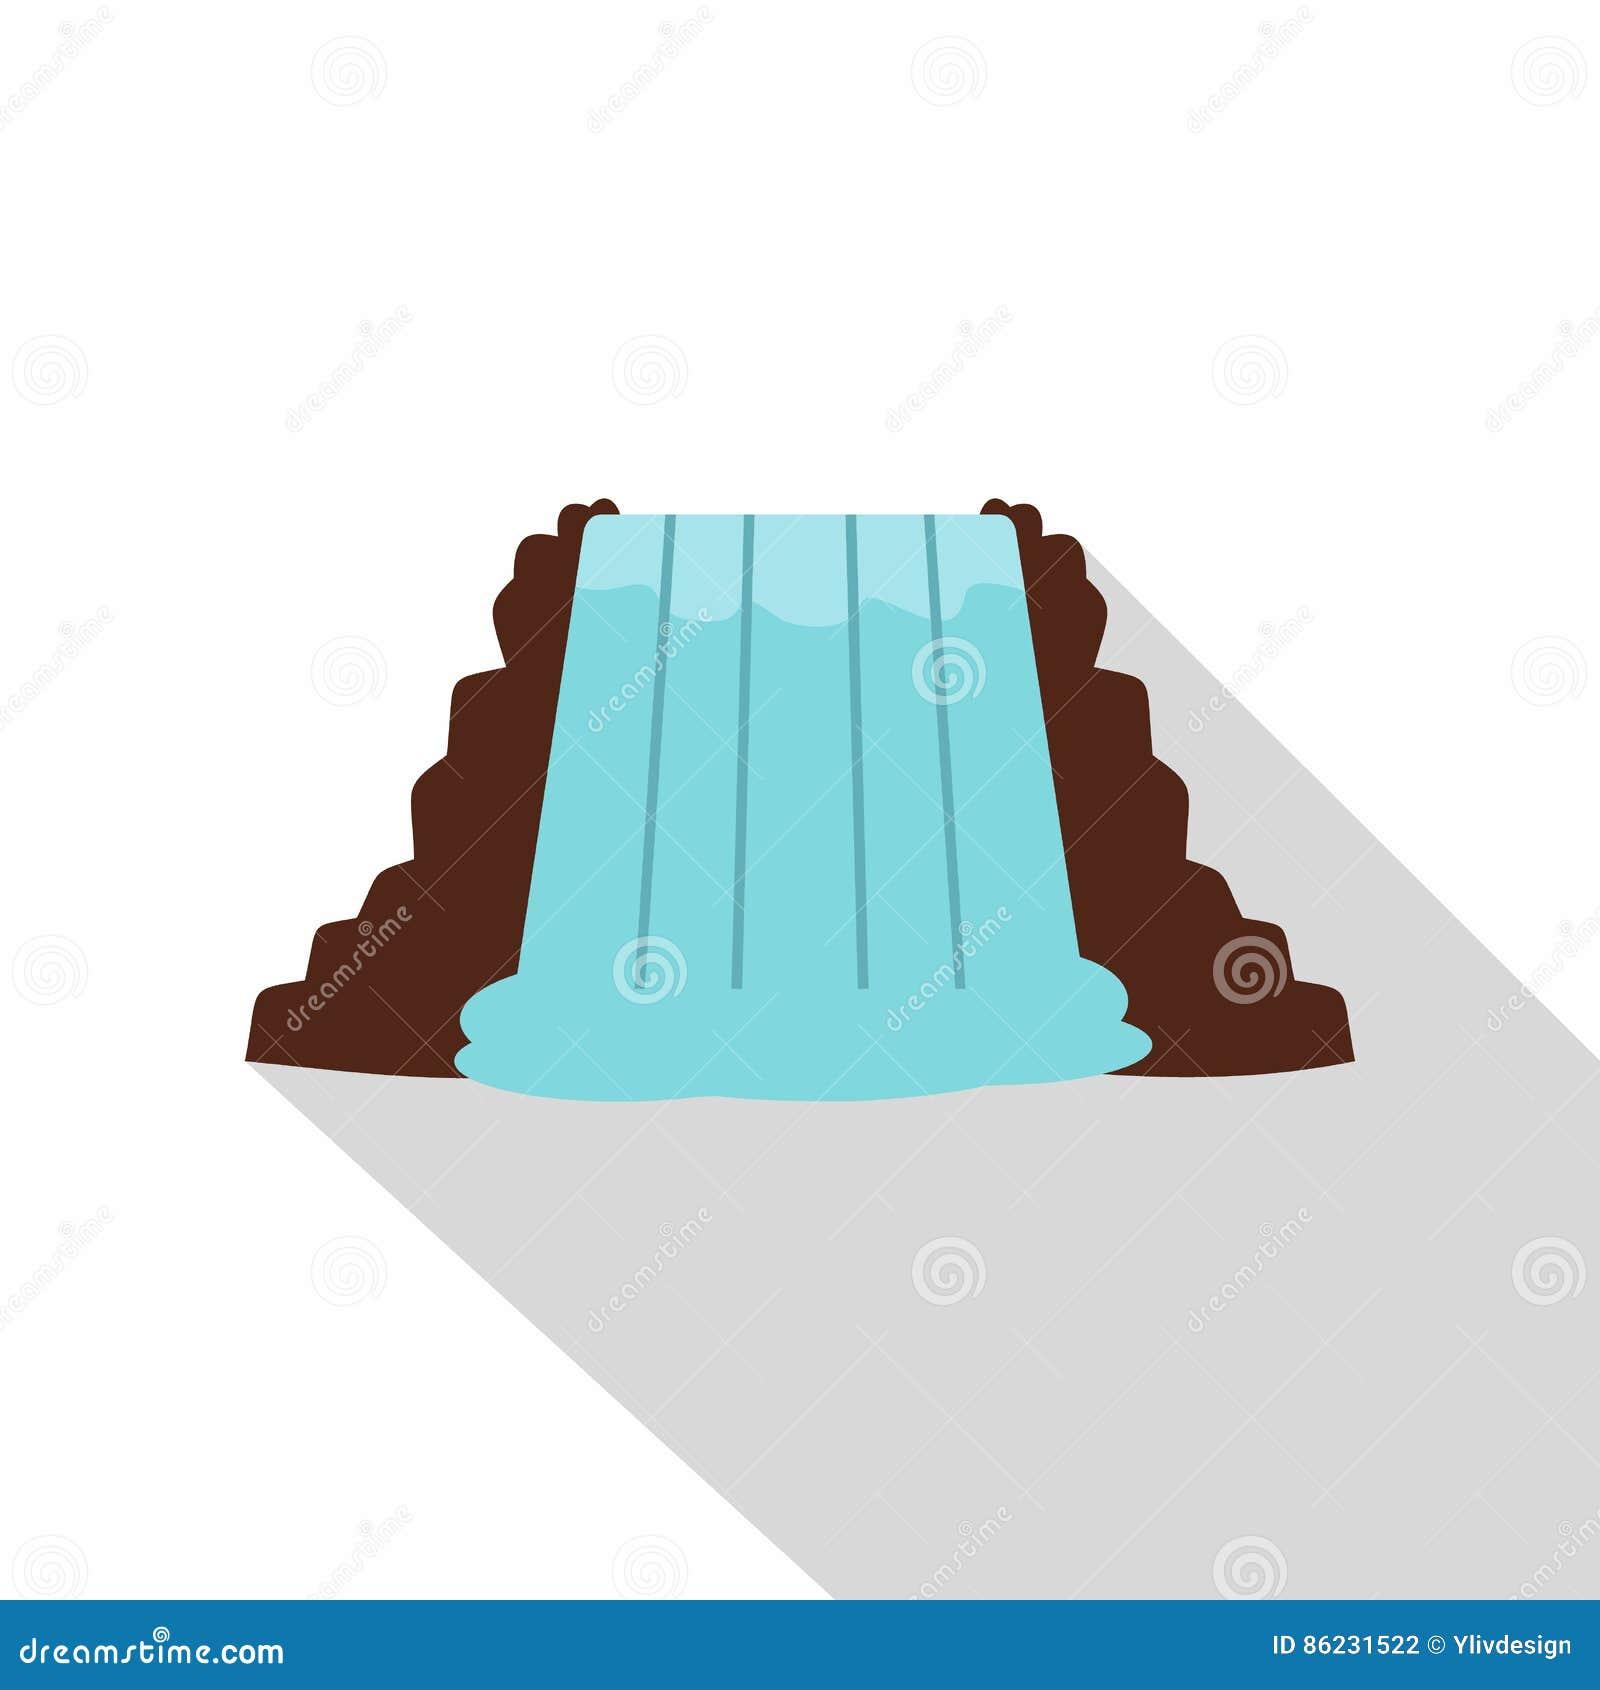 Niagara Falls, Ontario, Canada icon, flat style